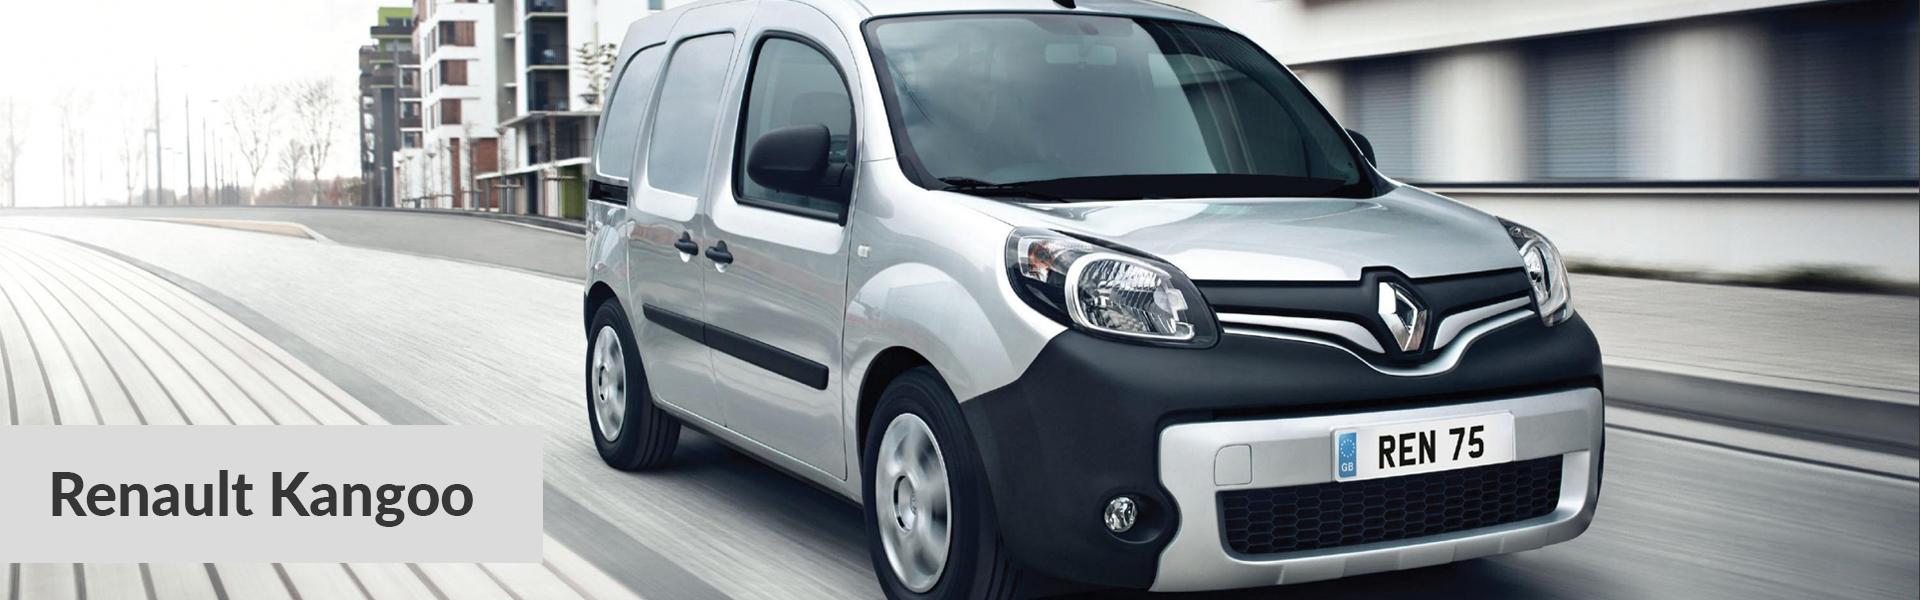 Renault Kangoo Desktop